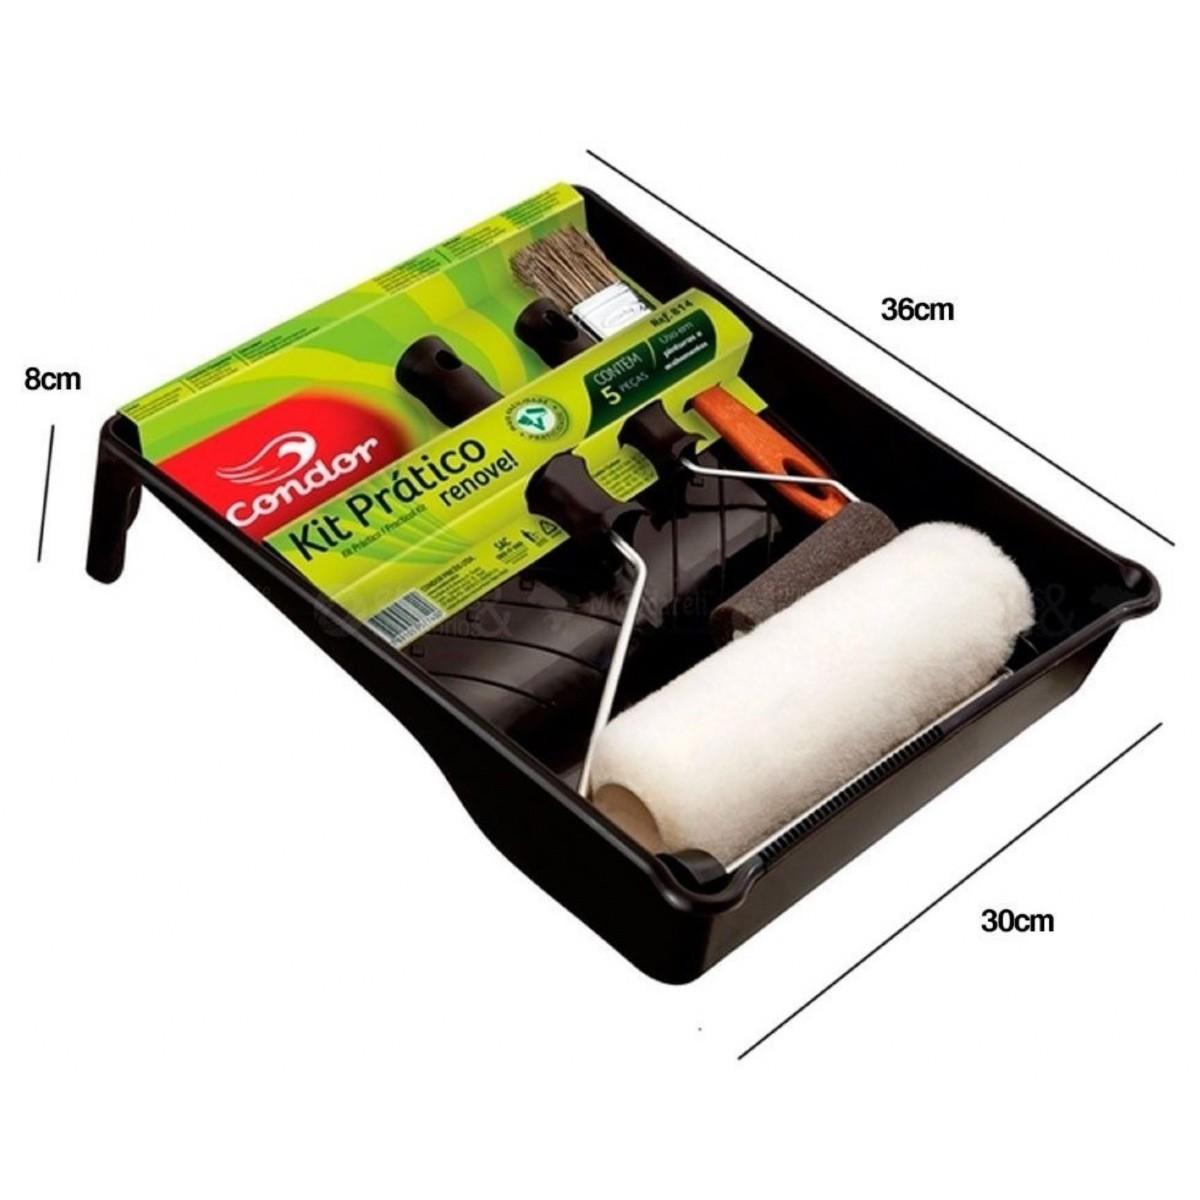 Bautech Tinta Parede Branco 4kg (Brinde Kit Pintura Condor)